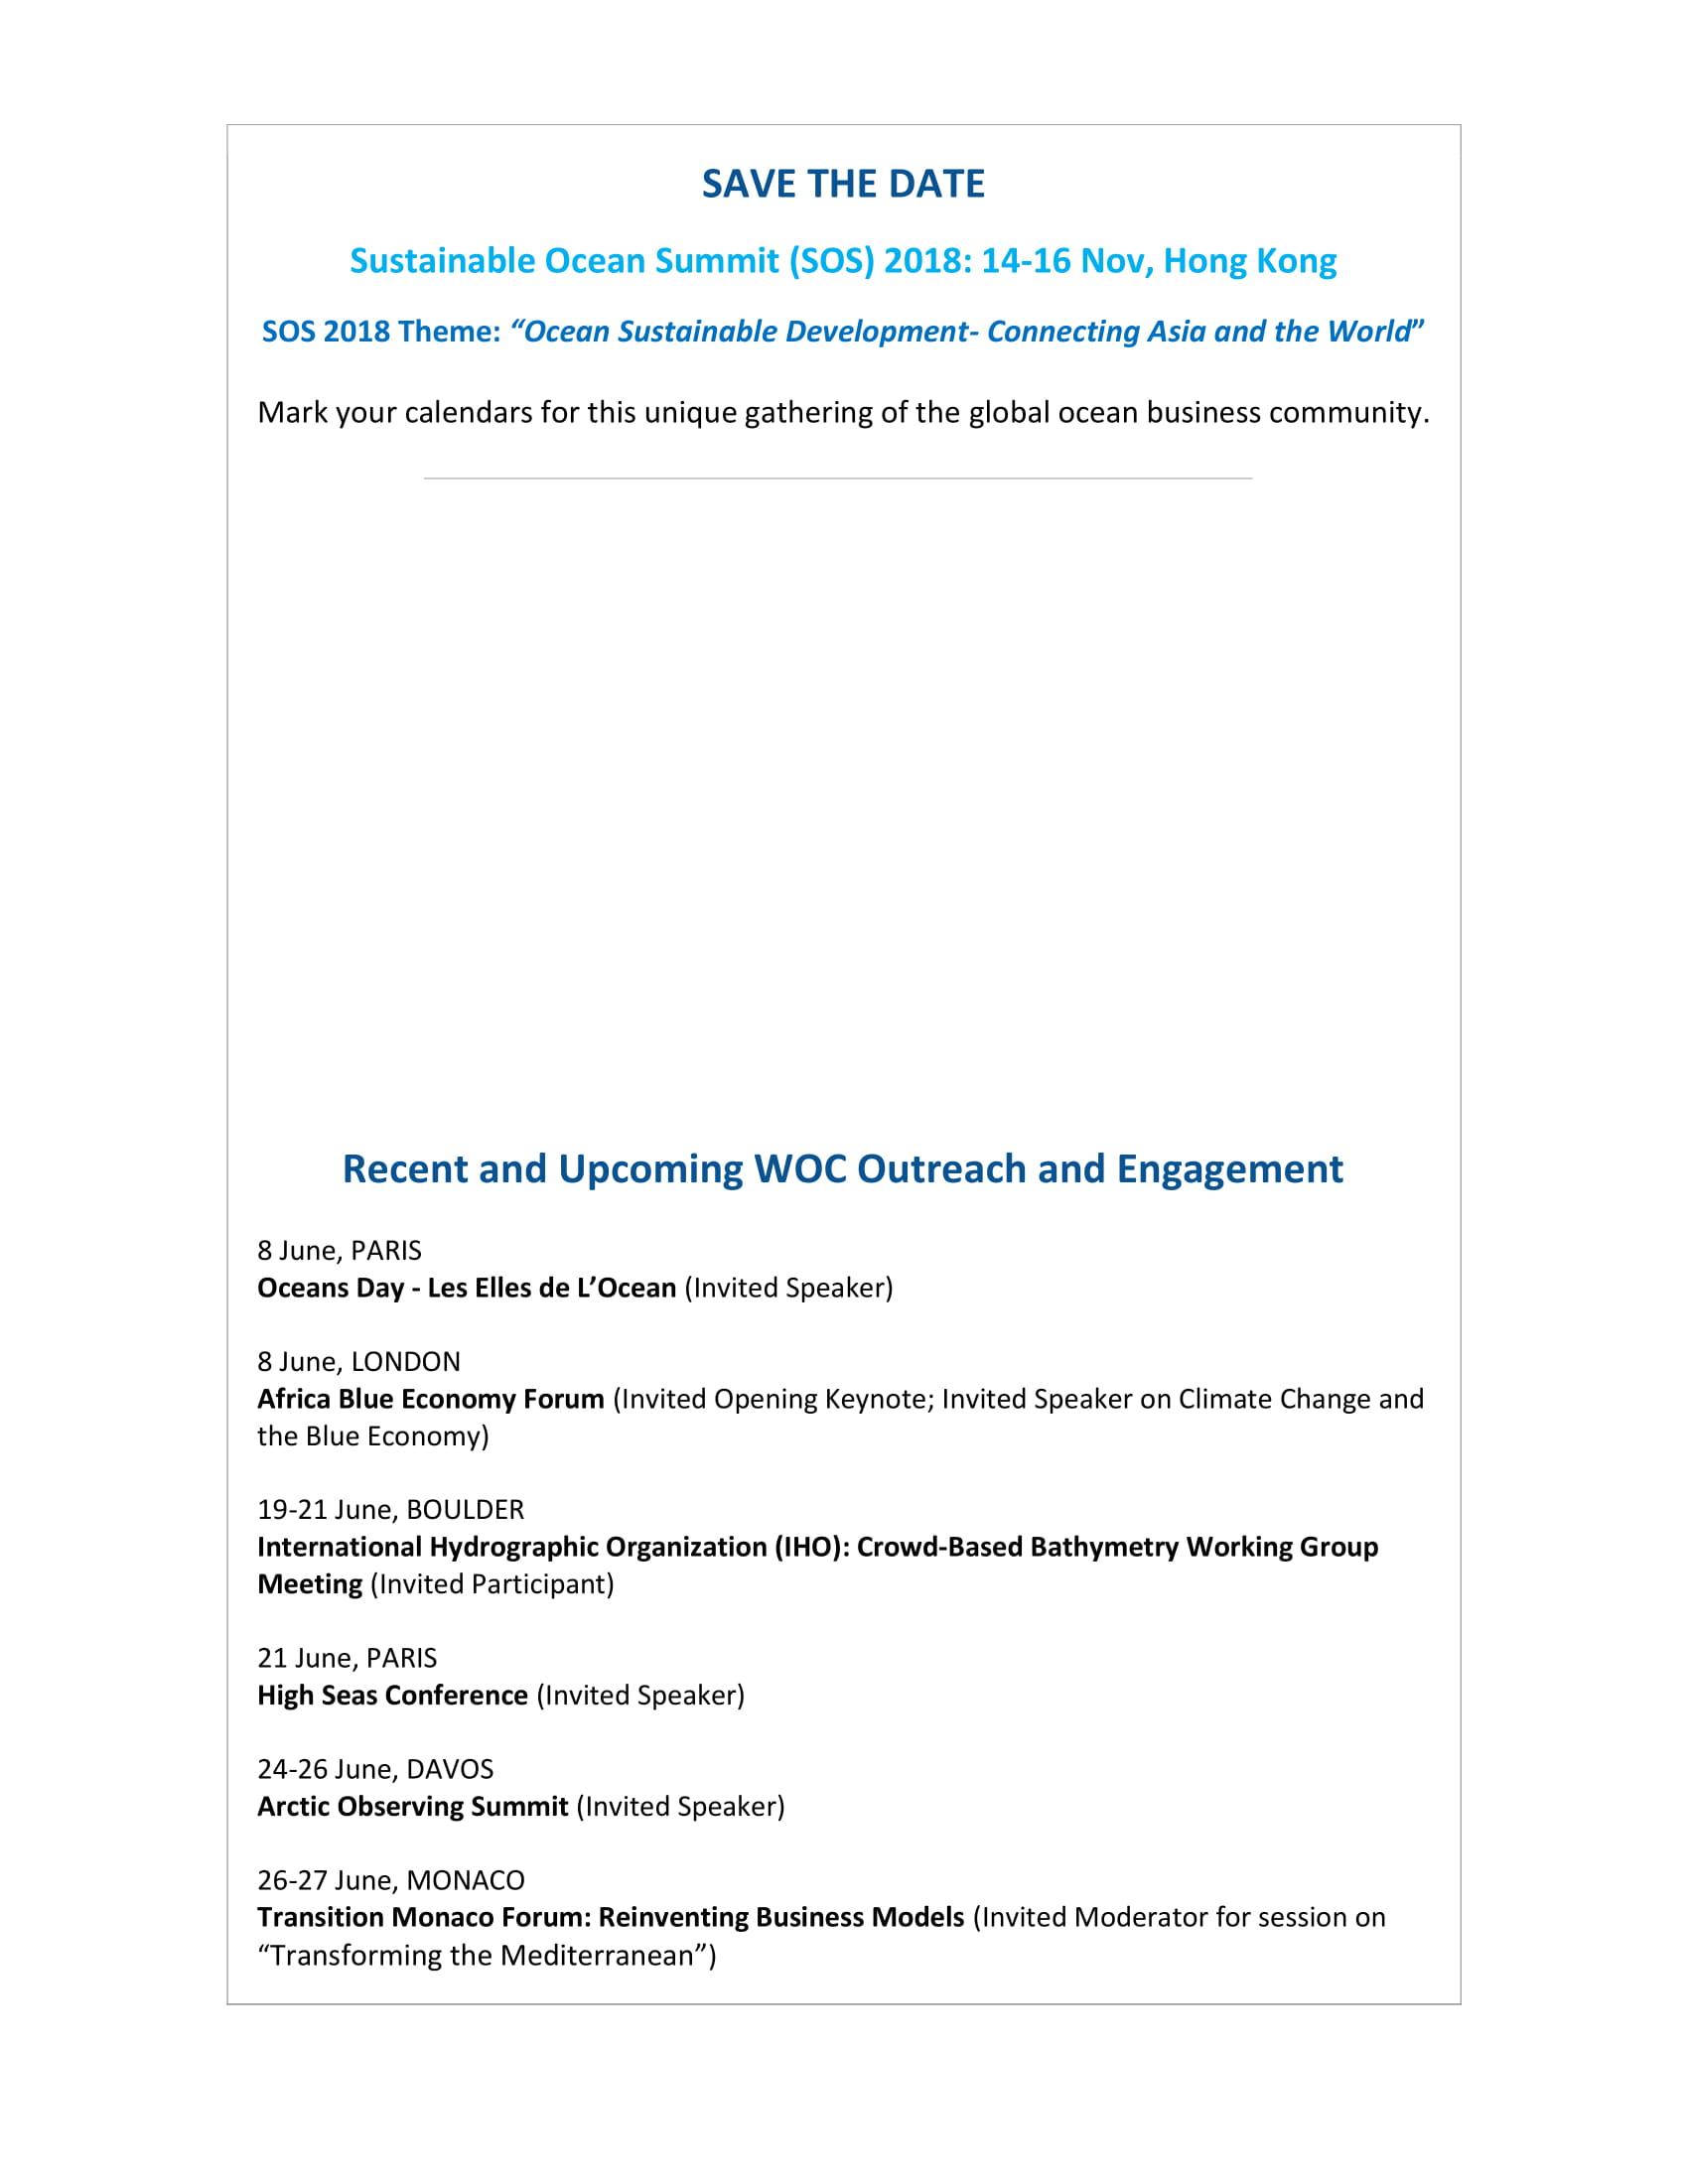 DP World Joins World Ocean Council